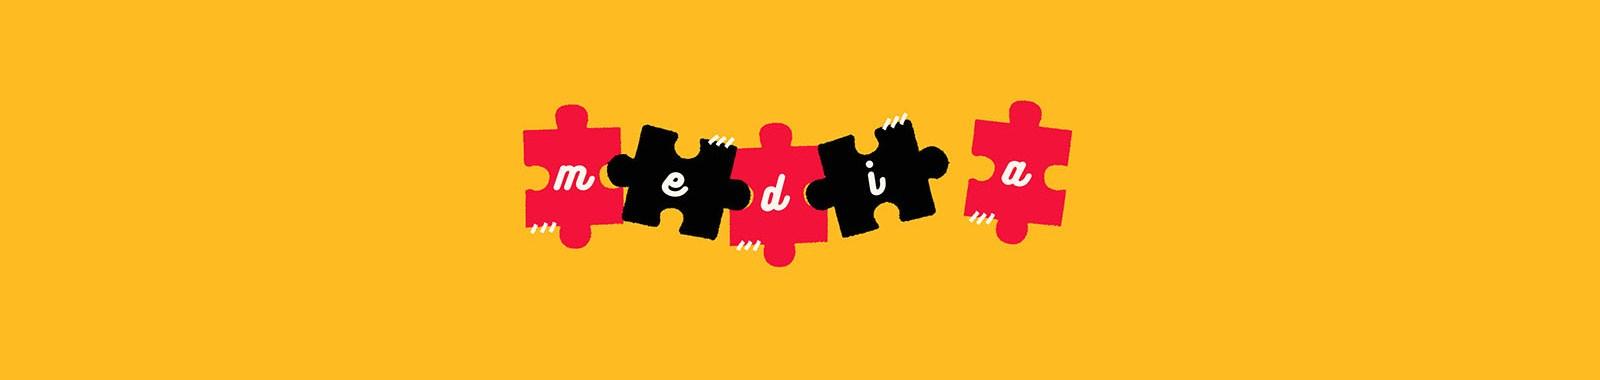 media-puzzle-05-04-04-eye